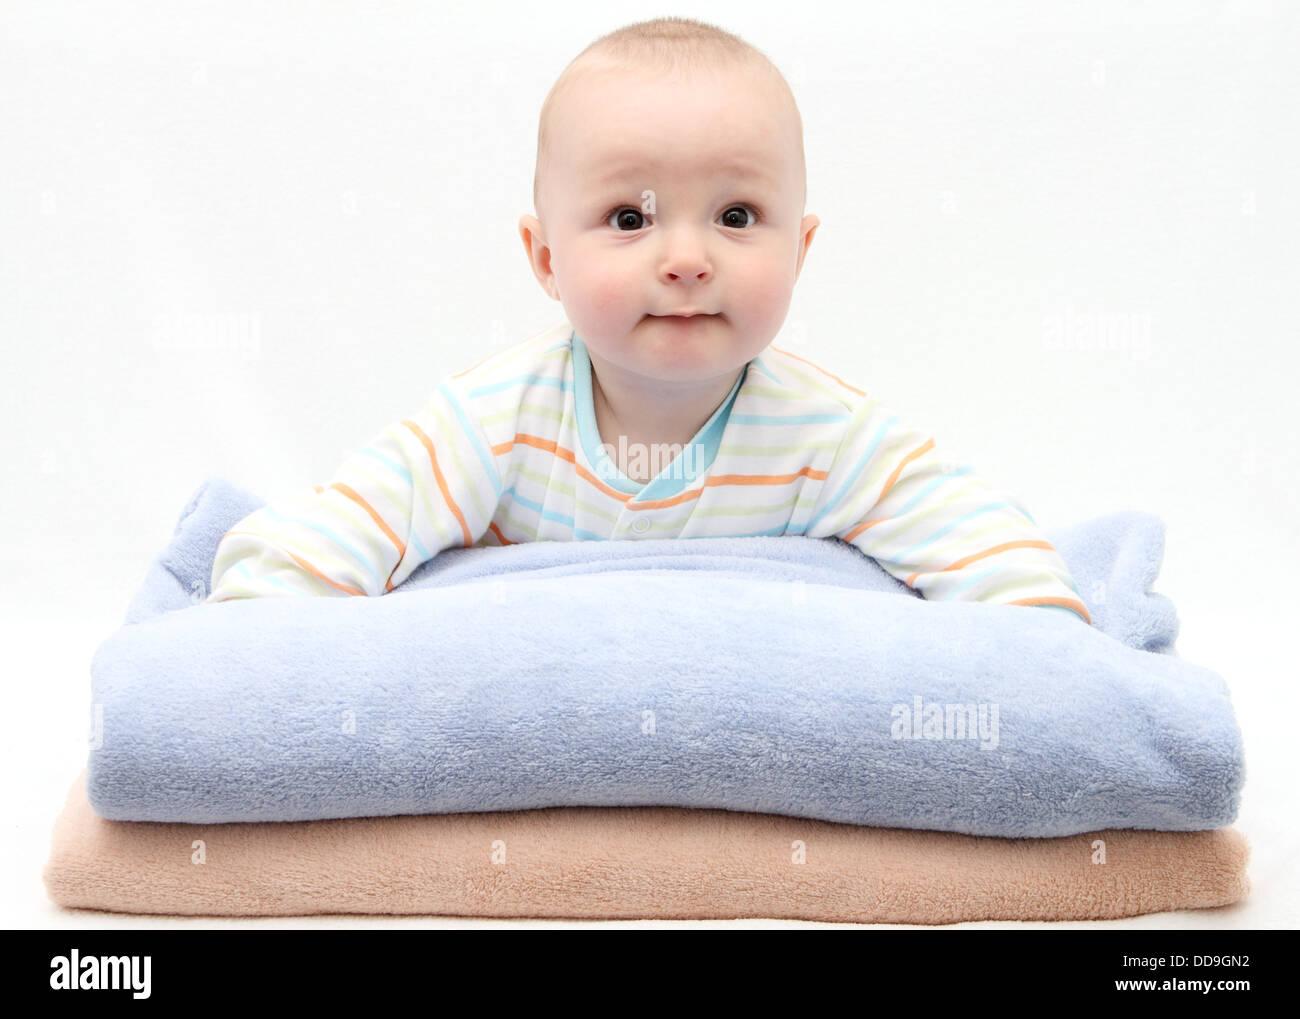 Cuidado del bebé después del baño Imagen De Stock